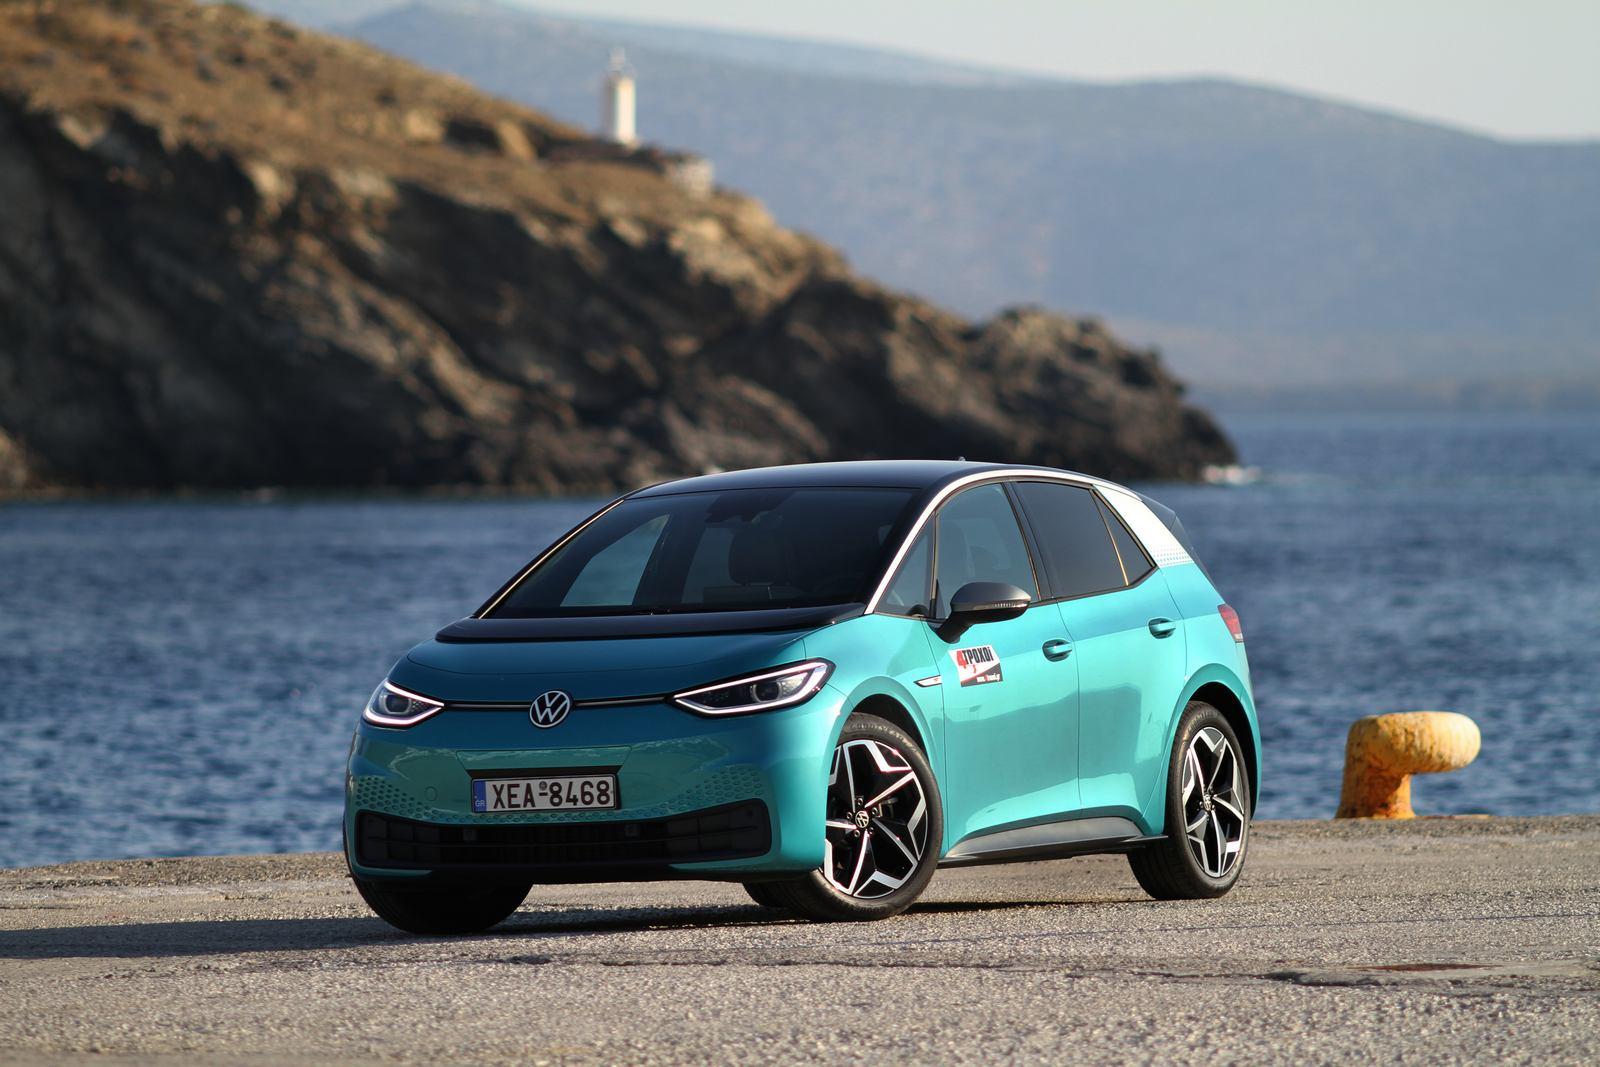 """Με το VW ID.3 στην Αστυπάλαια, στο """"πράσινο & έξυπνο νησί""""."""